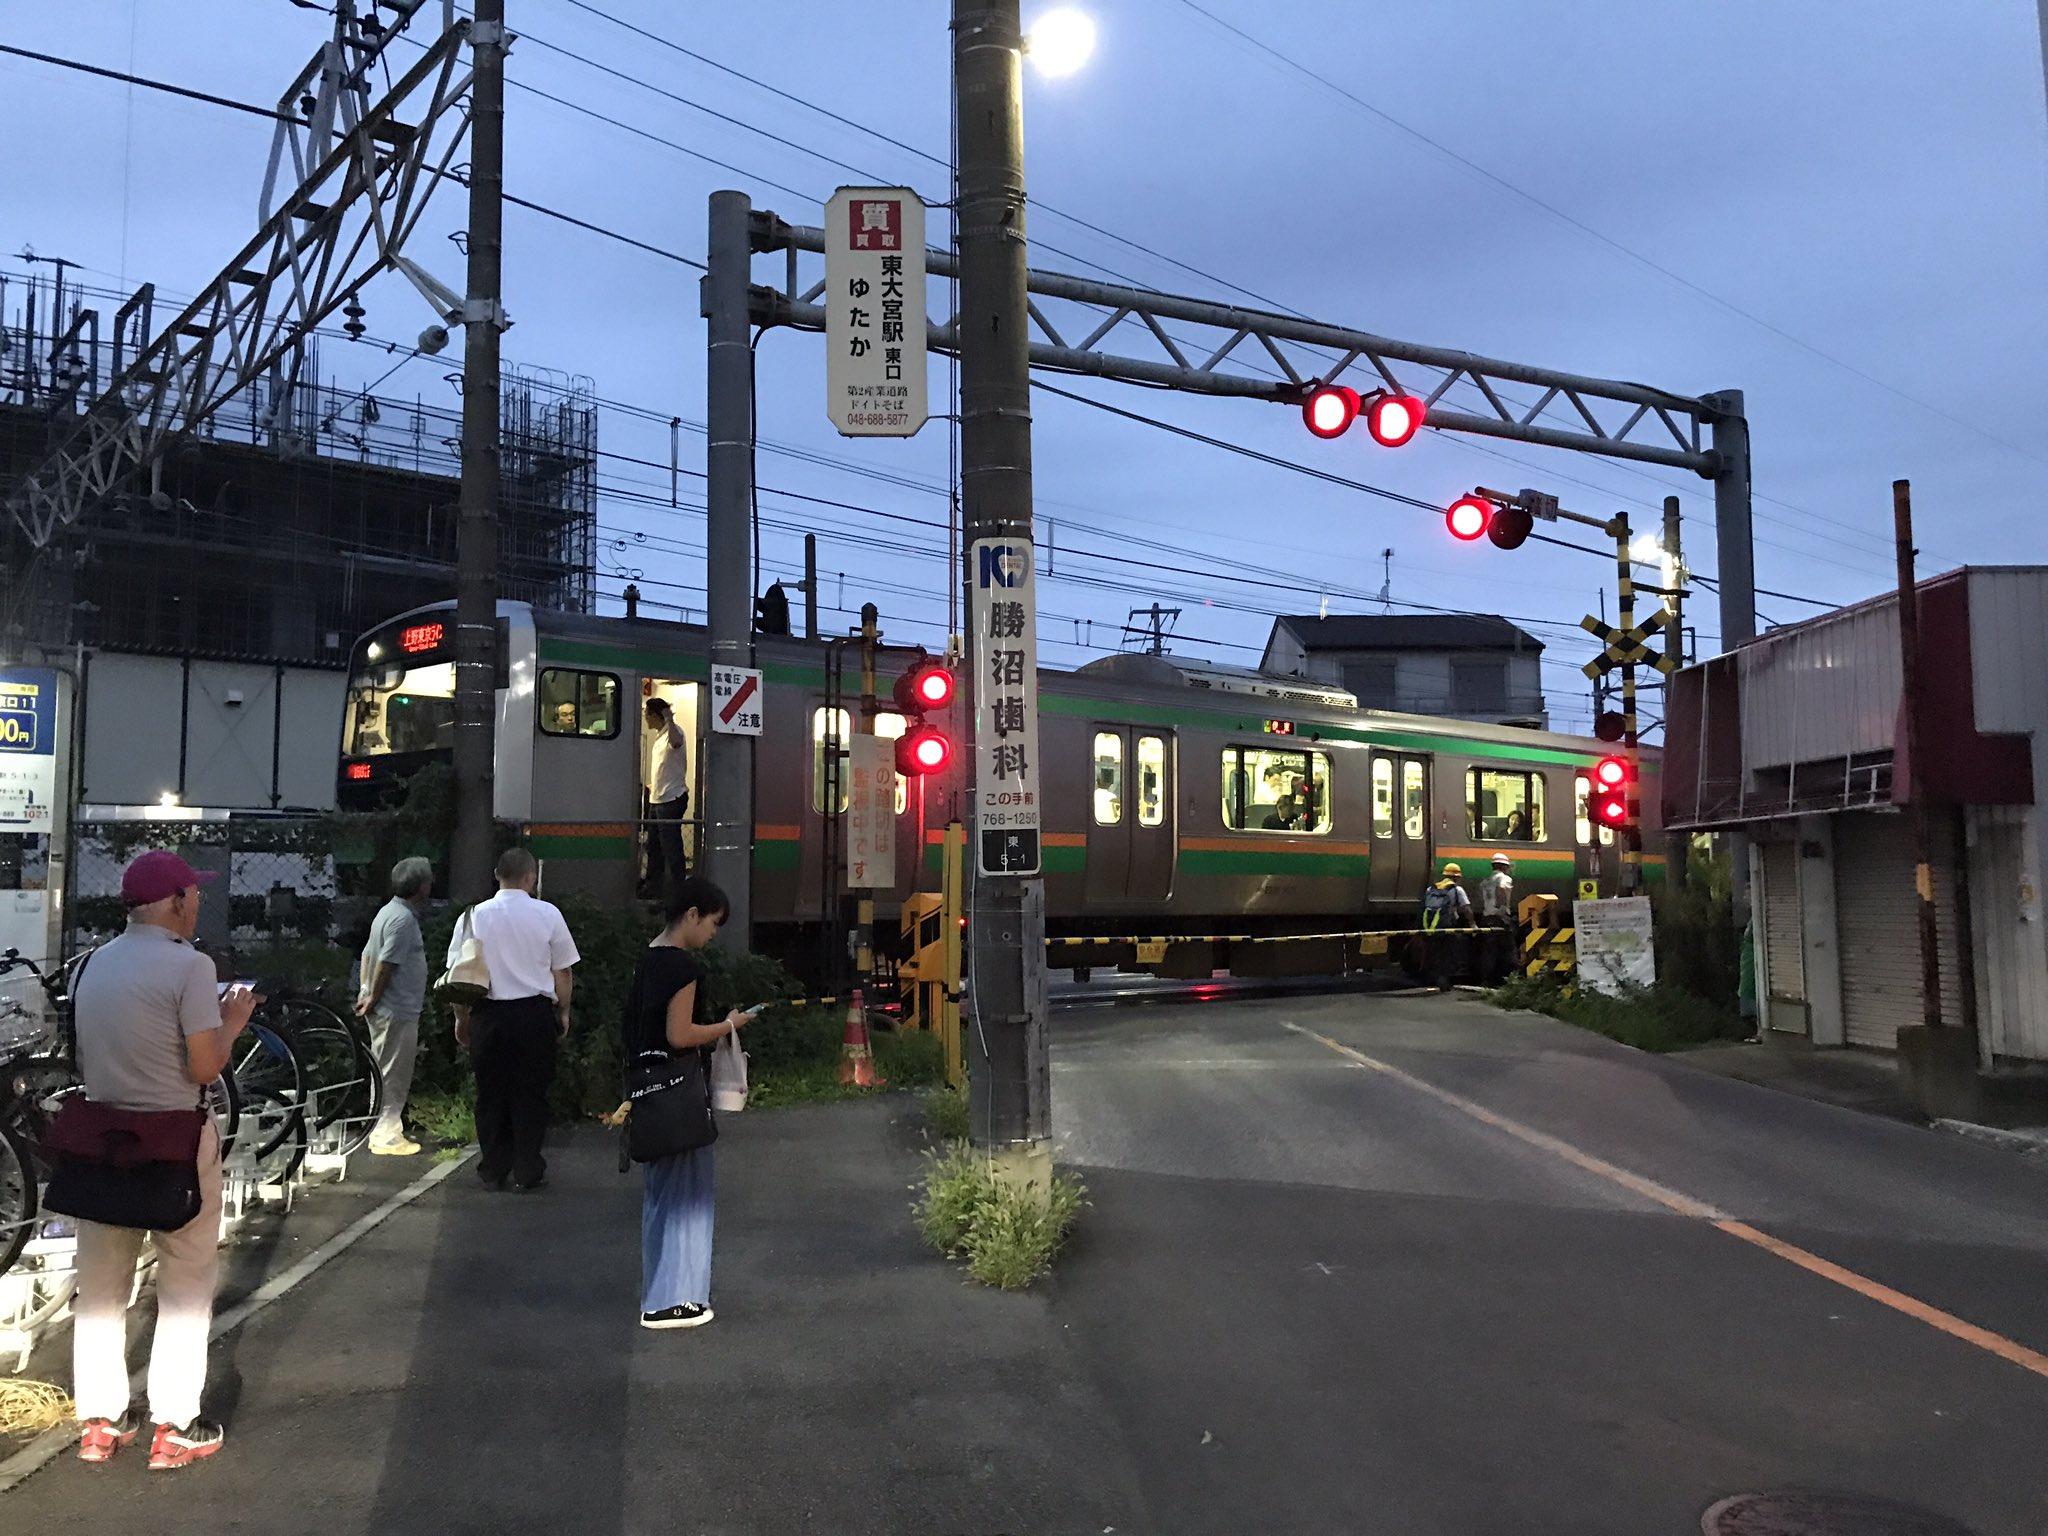 宇都宮線の蓮田駅の踏切で人身事故が起きた現場の画像